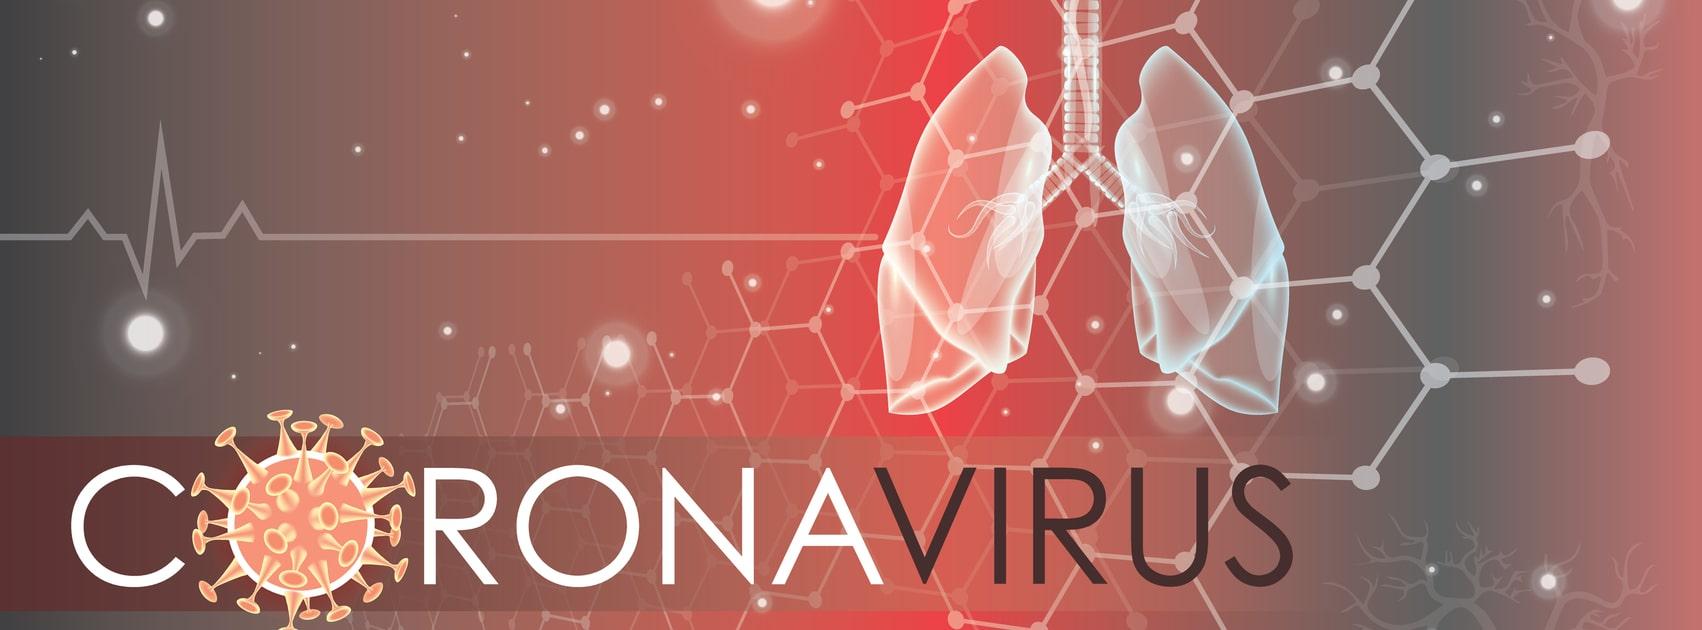 Coronavírus: tudo que você precisa saber sobre a pandemia